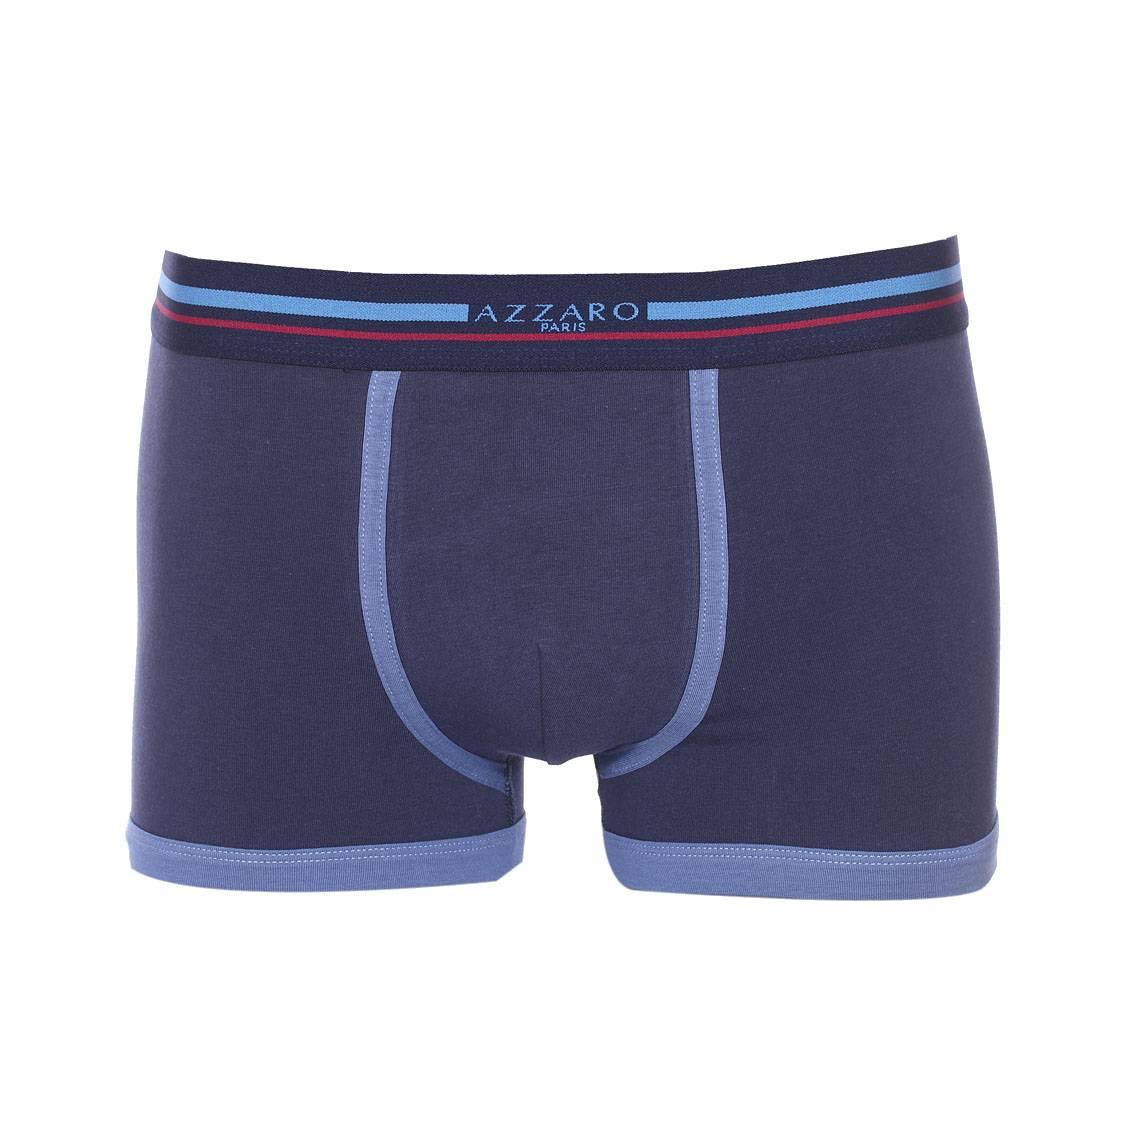 Boxer Azzaro en coton stretch bleu marine à liserés bleu indigo